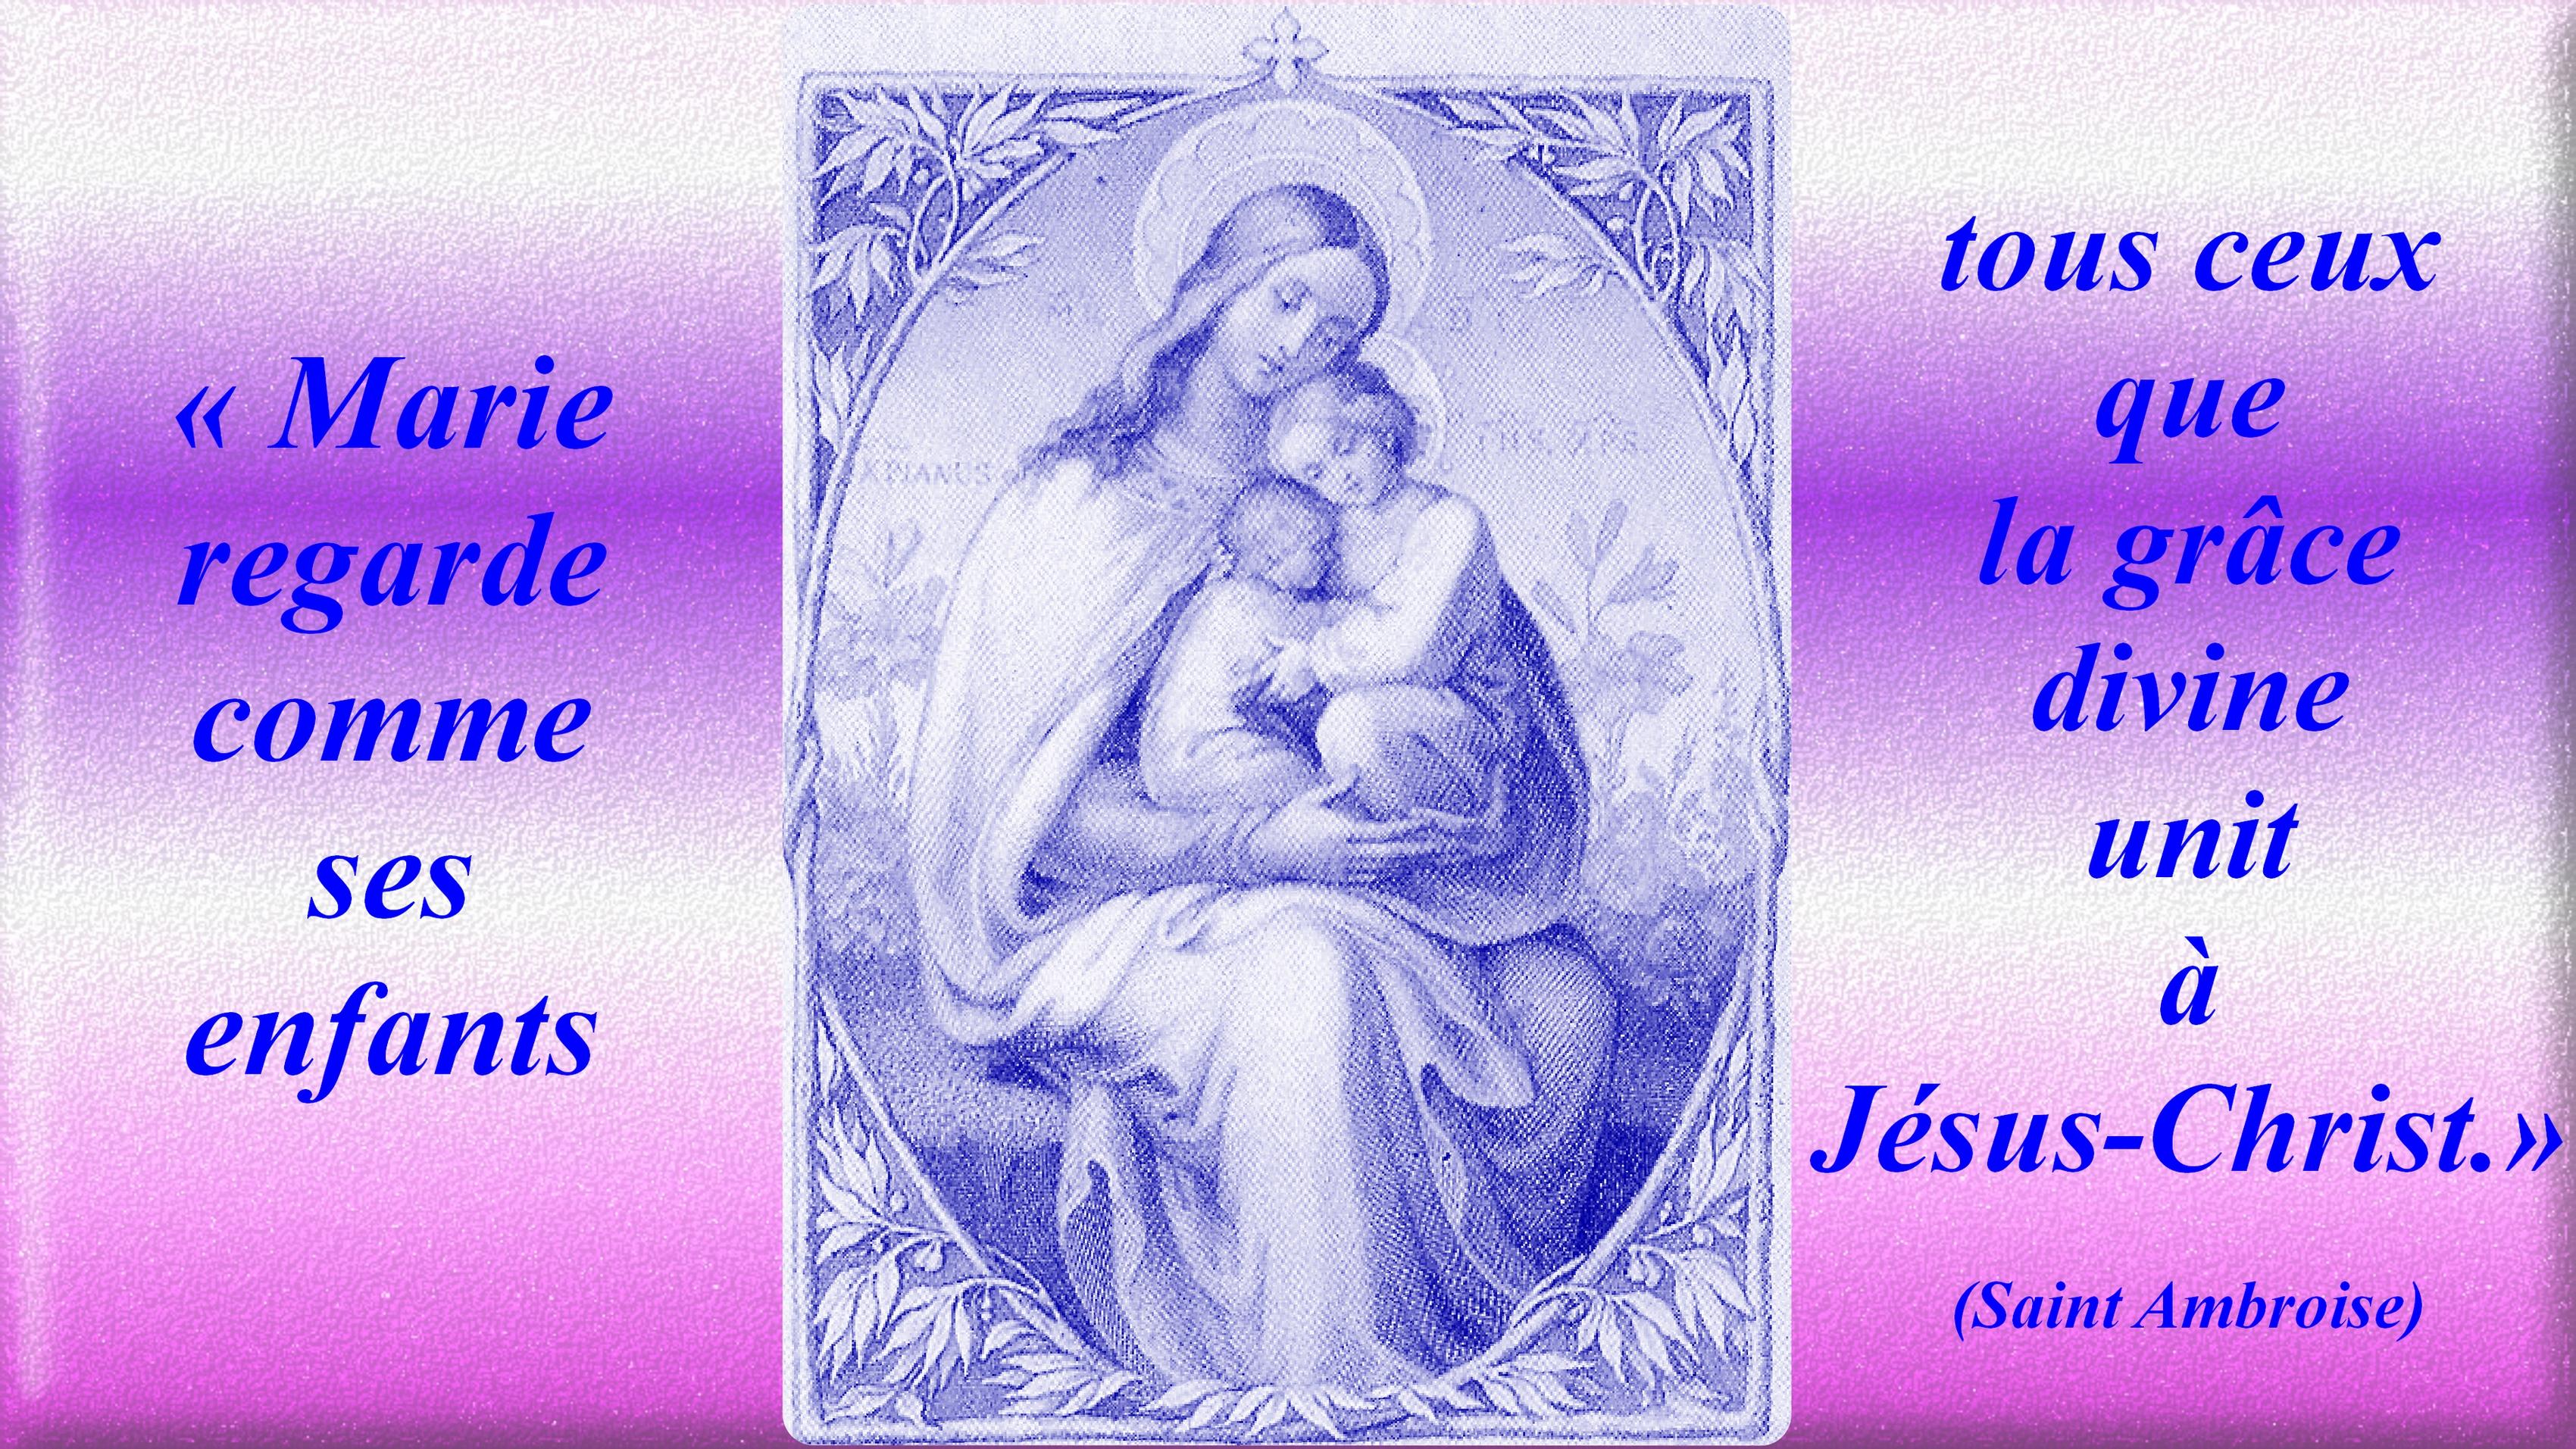 CALENDRIER CATHOLIQUE 2020 (Cantiques, Prières & Images) Les-vrais-enfants-de-marie-56e3287